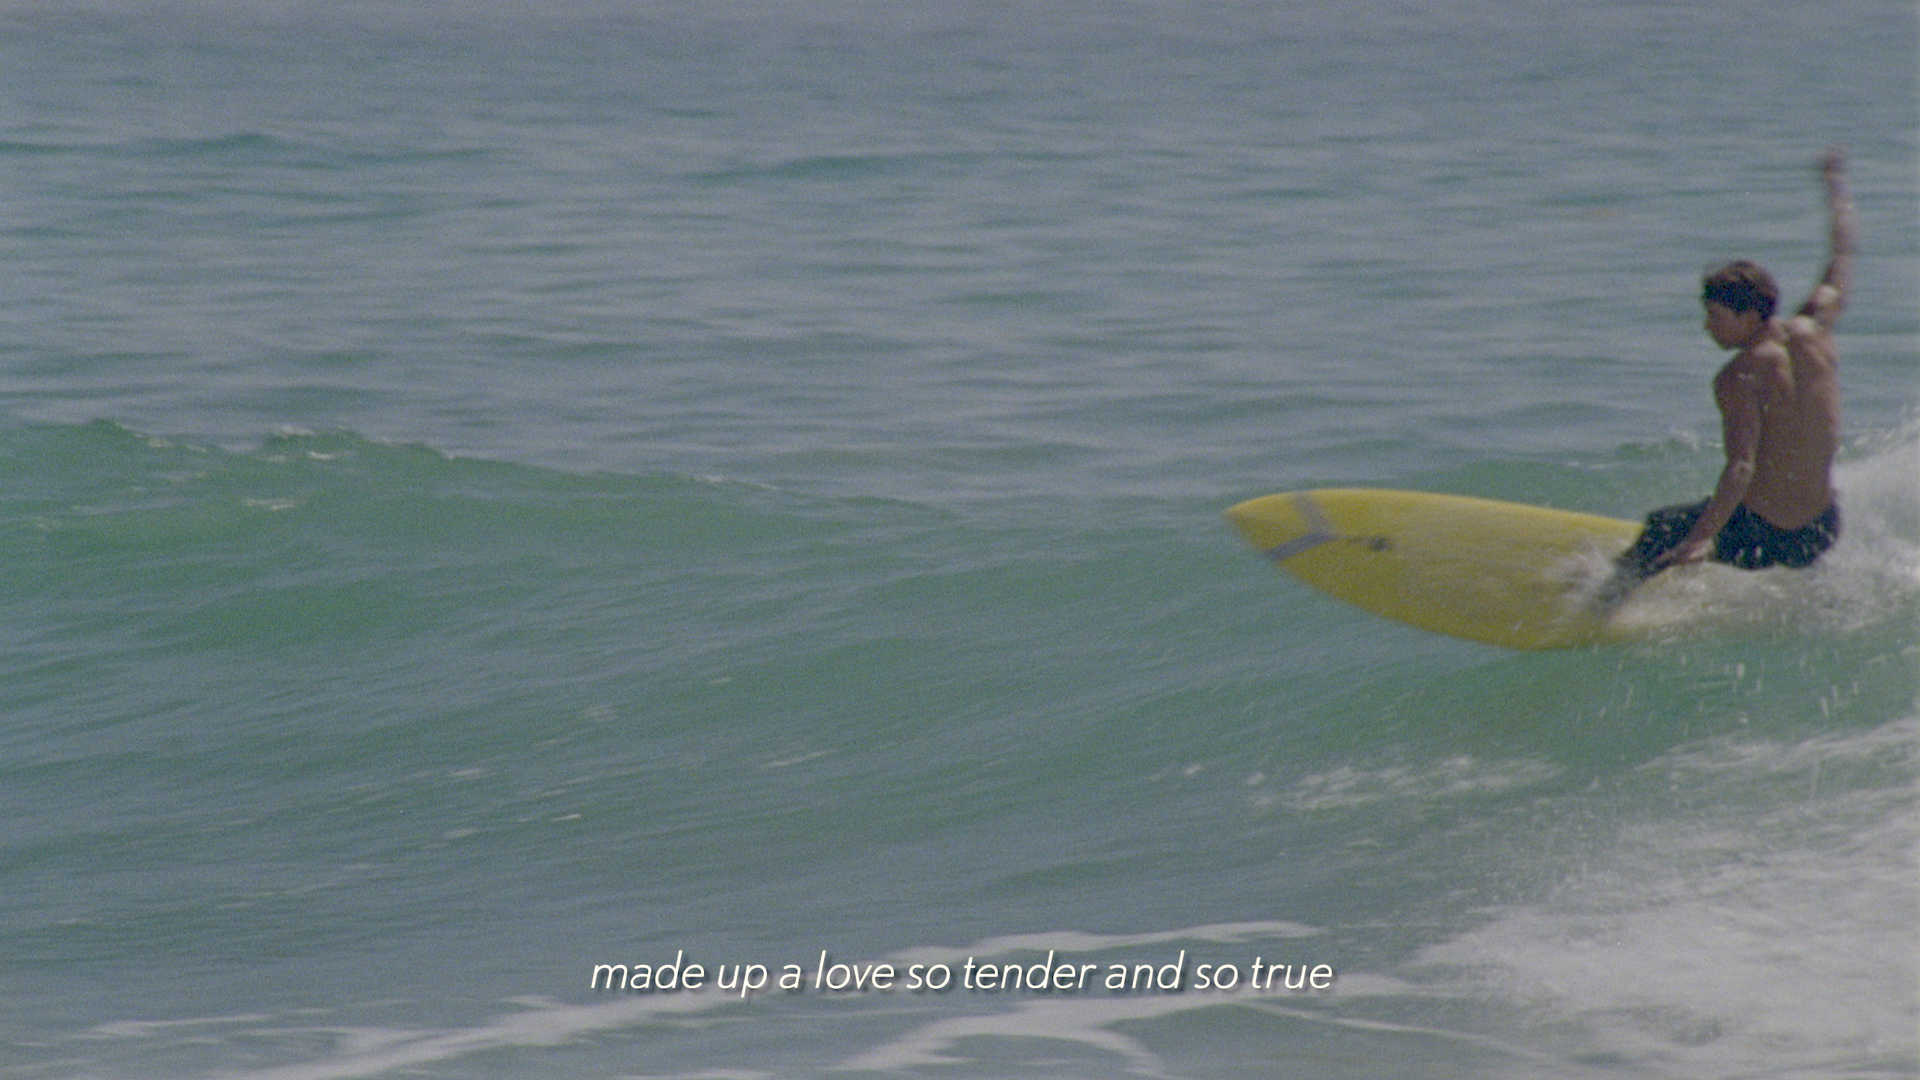 Daiel_Robinson_surf_Marek_Stave.jpg